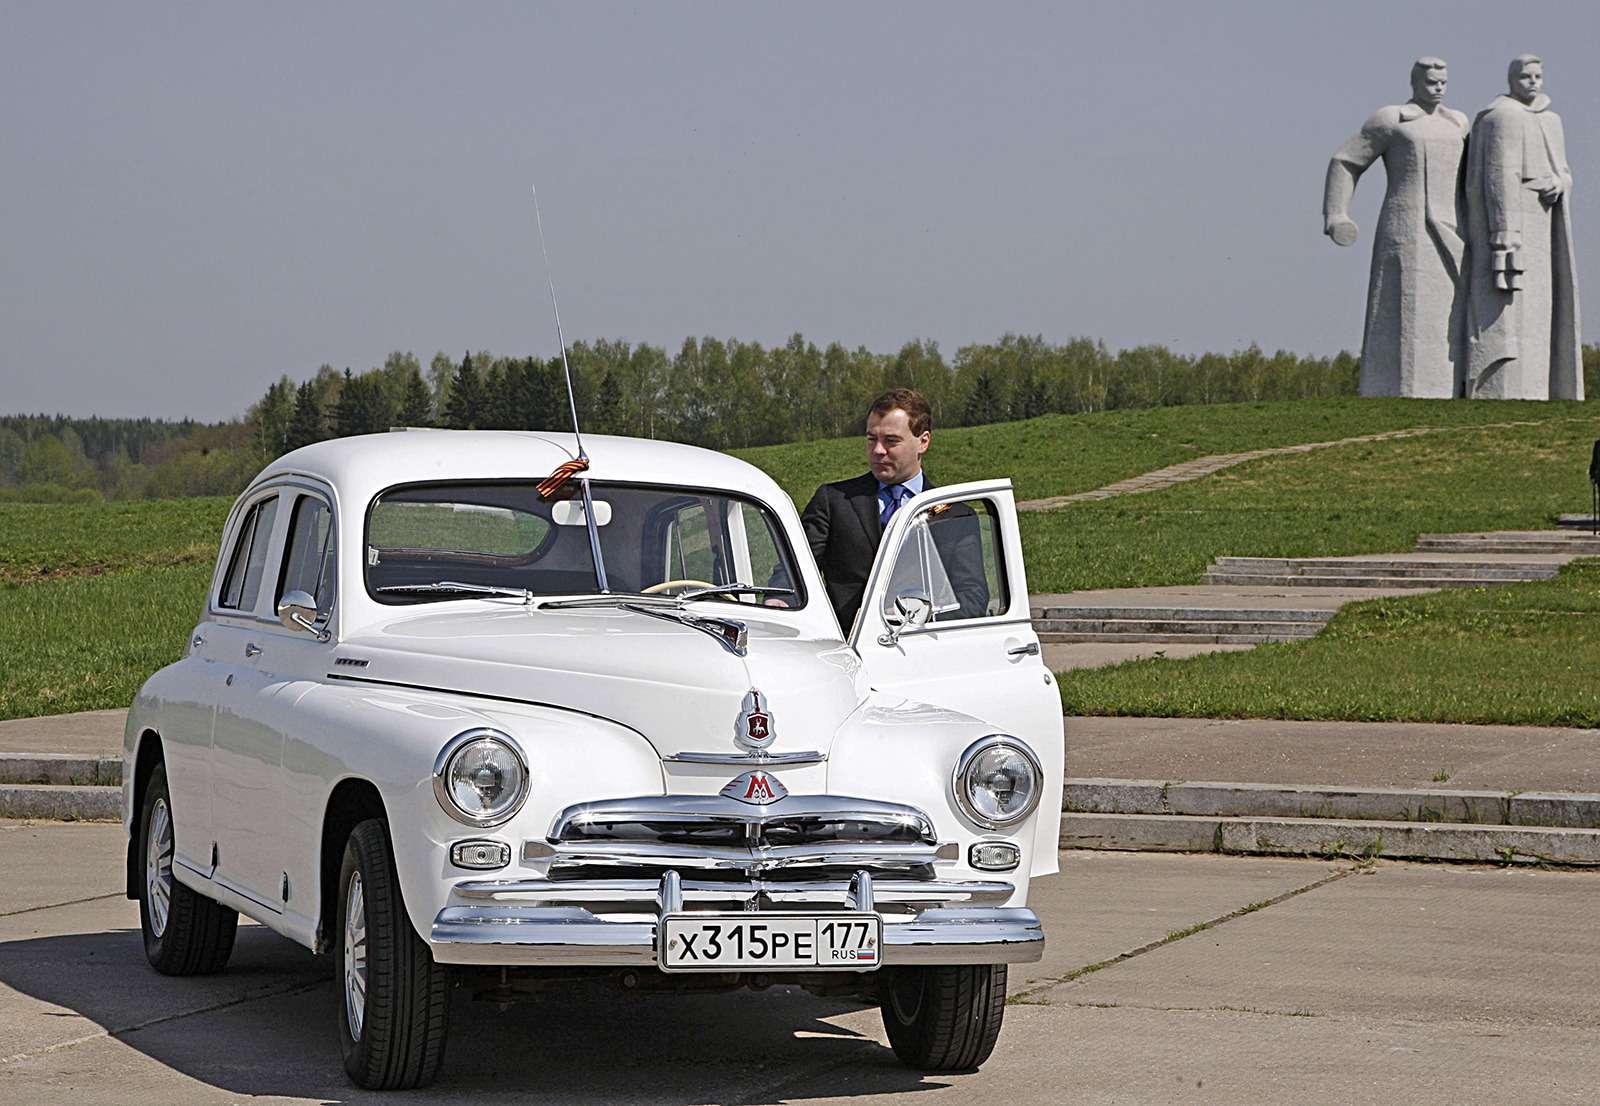 Любимые машины Дмитрия Медведева: откомбайна доАуруса— фото 945808